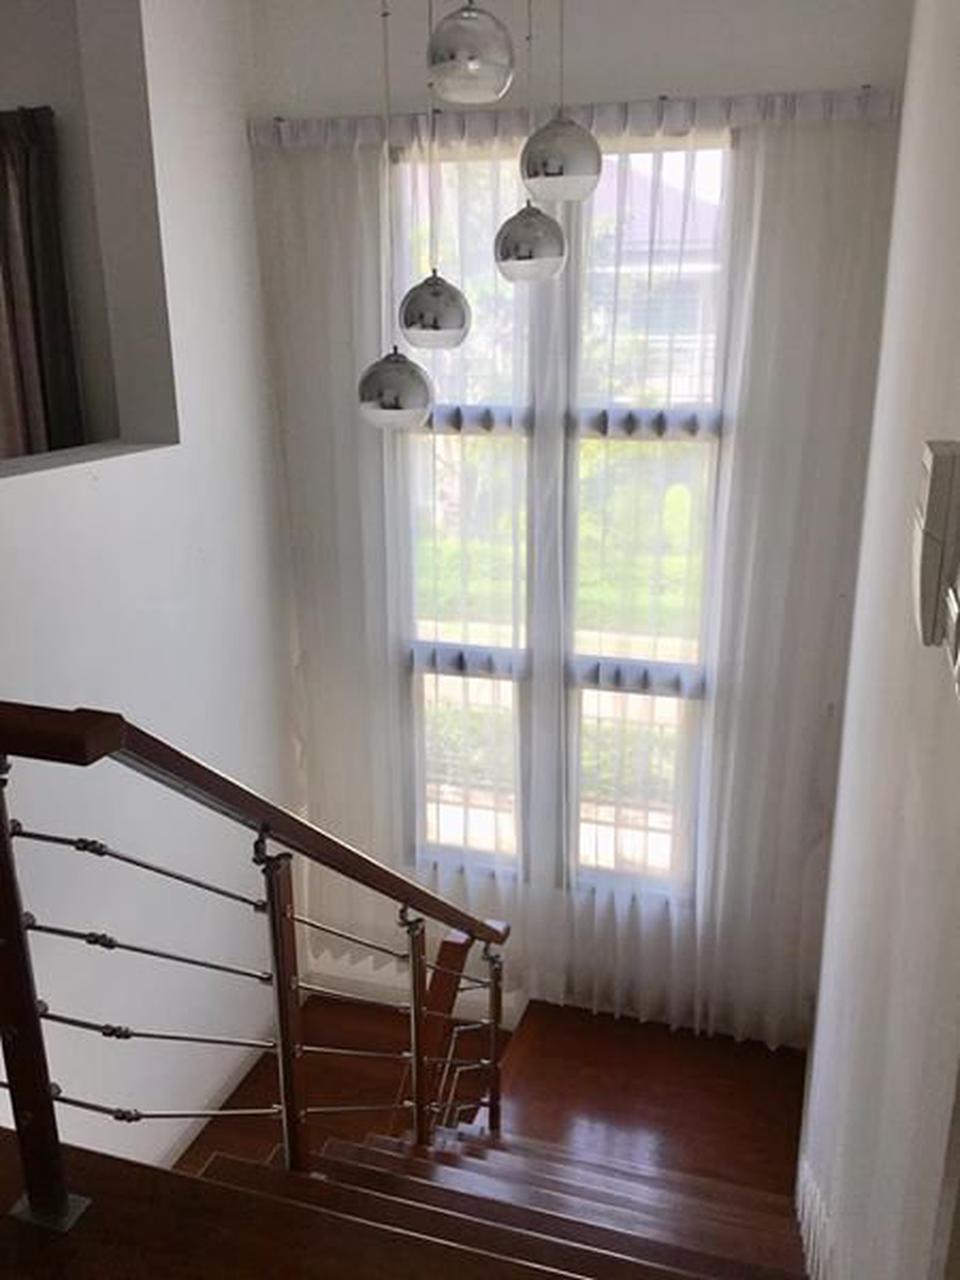 ขาย บ้านเดี่ยวเพอร์เฟค มาสเตอร์พีซ พระราม 9 รูปที่ 1